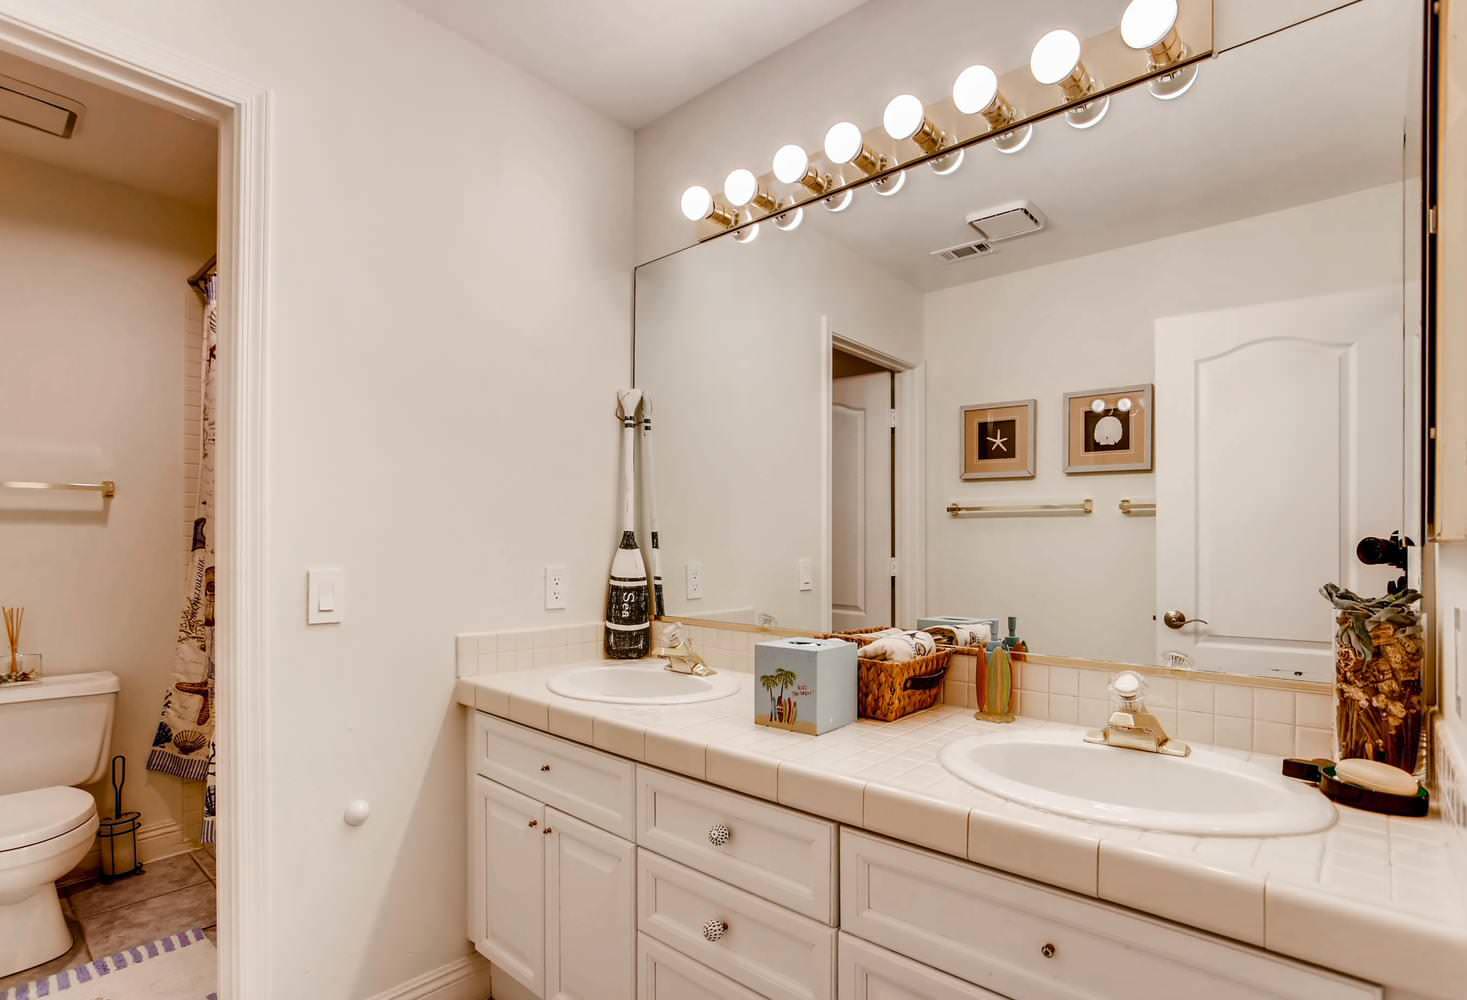 Summerlin Bathroom Renovations